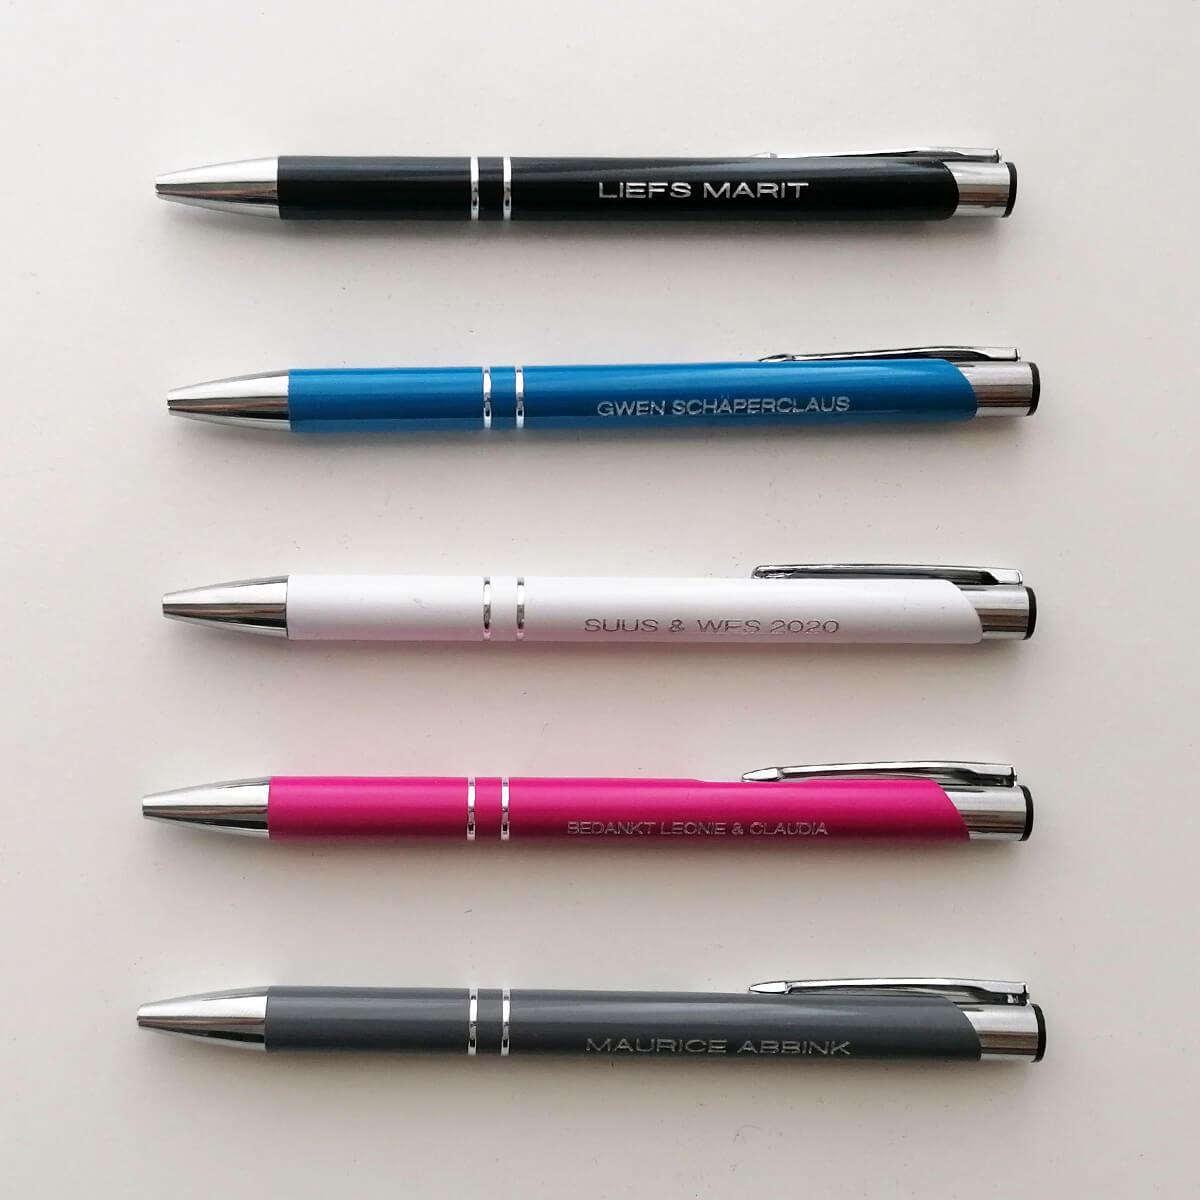 Bij Naamkado geen seriematige graveringen, elke pen graveren we apart, dus elk pen kan een andere naam of tekst krijgen